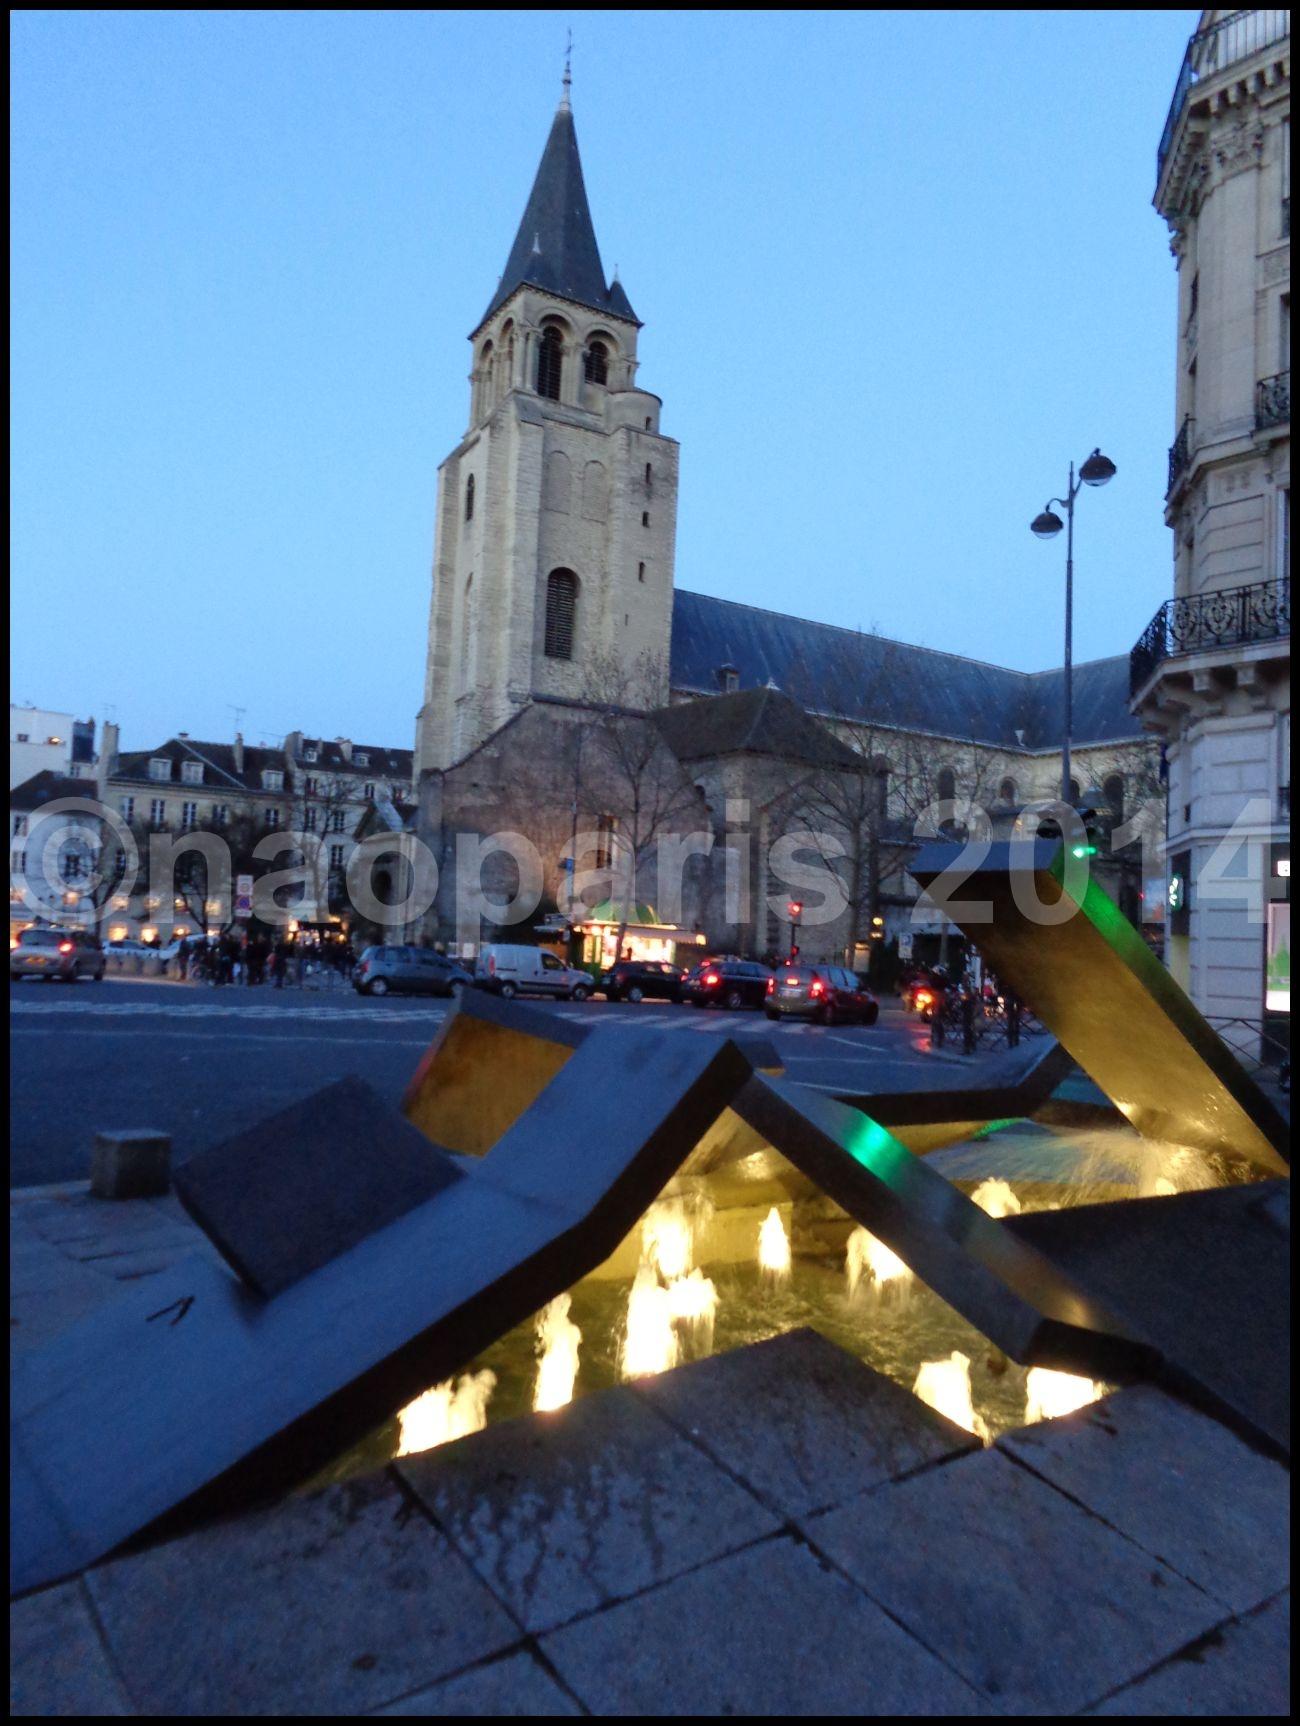 【サンジェルマン教会EGLISE ST-GERMAIN界隈】【PARIS】_a0008105_1935359.jpg